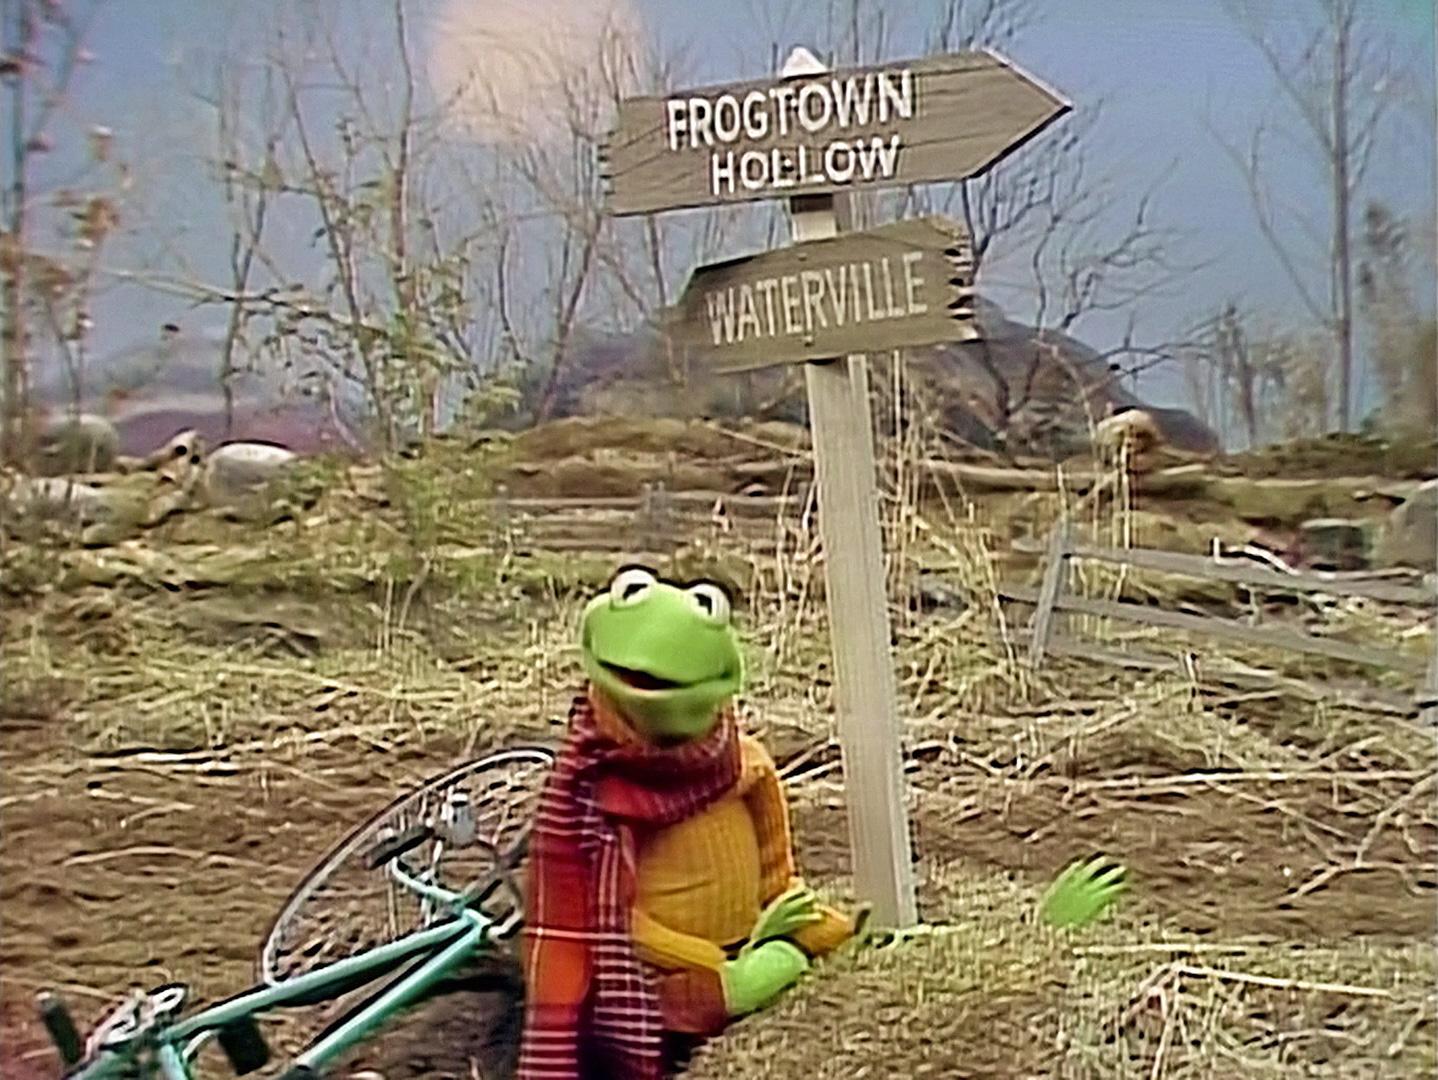 File:Kermit-emmet-open.jpg